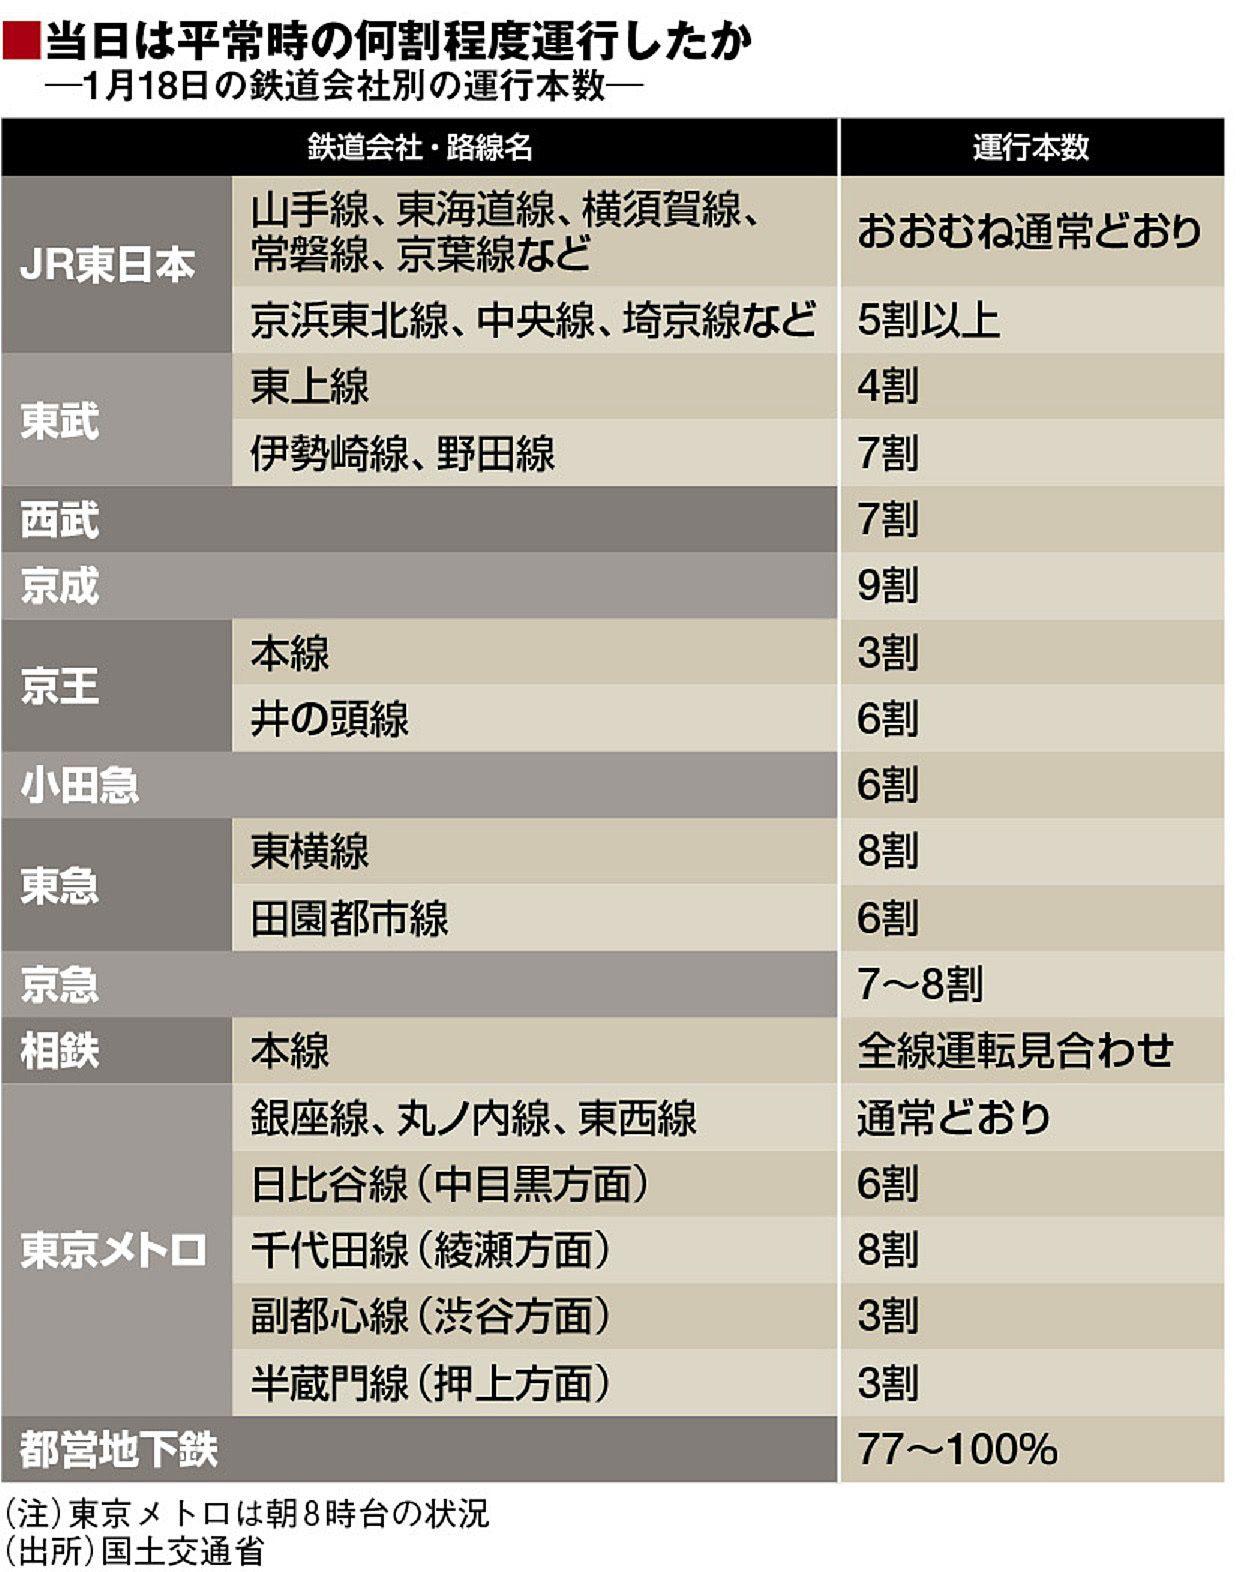 状況 運行 東北 本線 JR東北本線(上野−盛岡)の遅延・運行状況